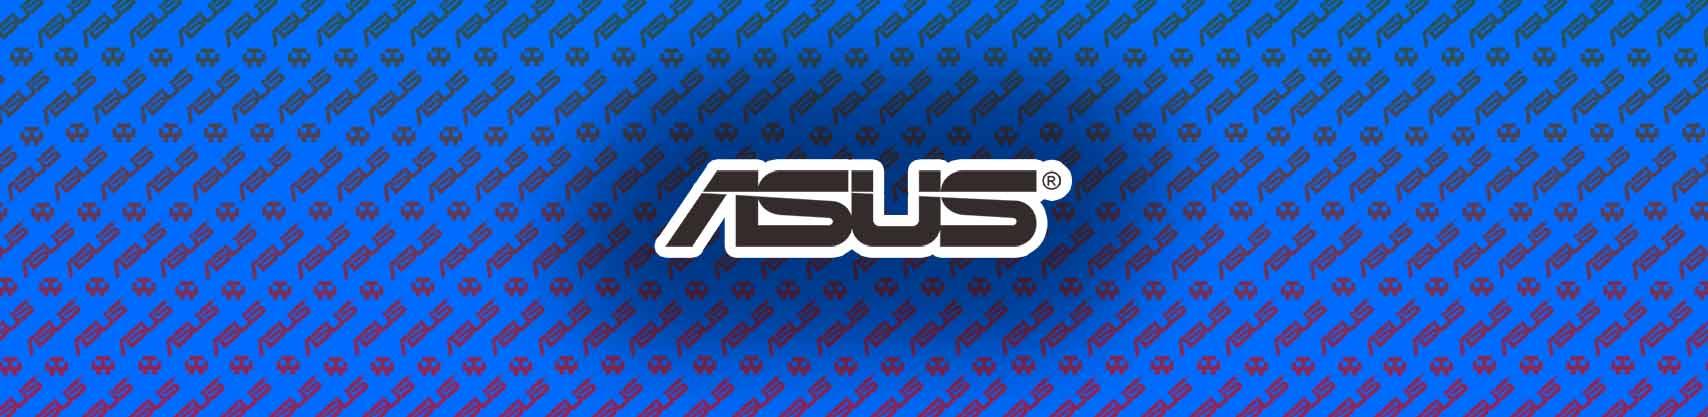 Asus Maximus IX Hero Manual